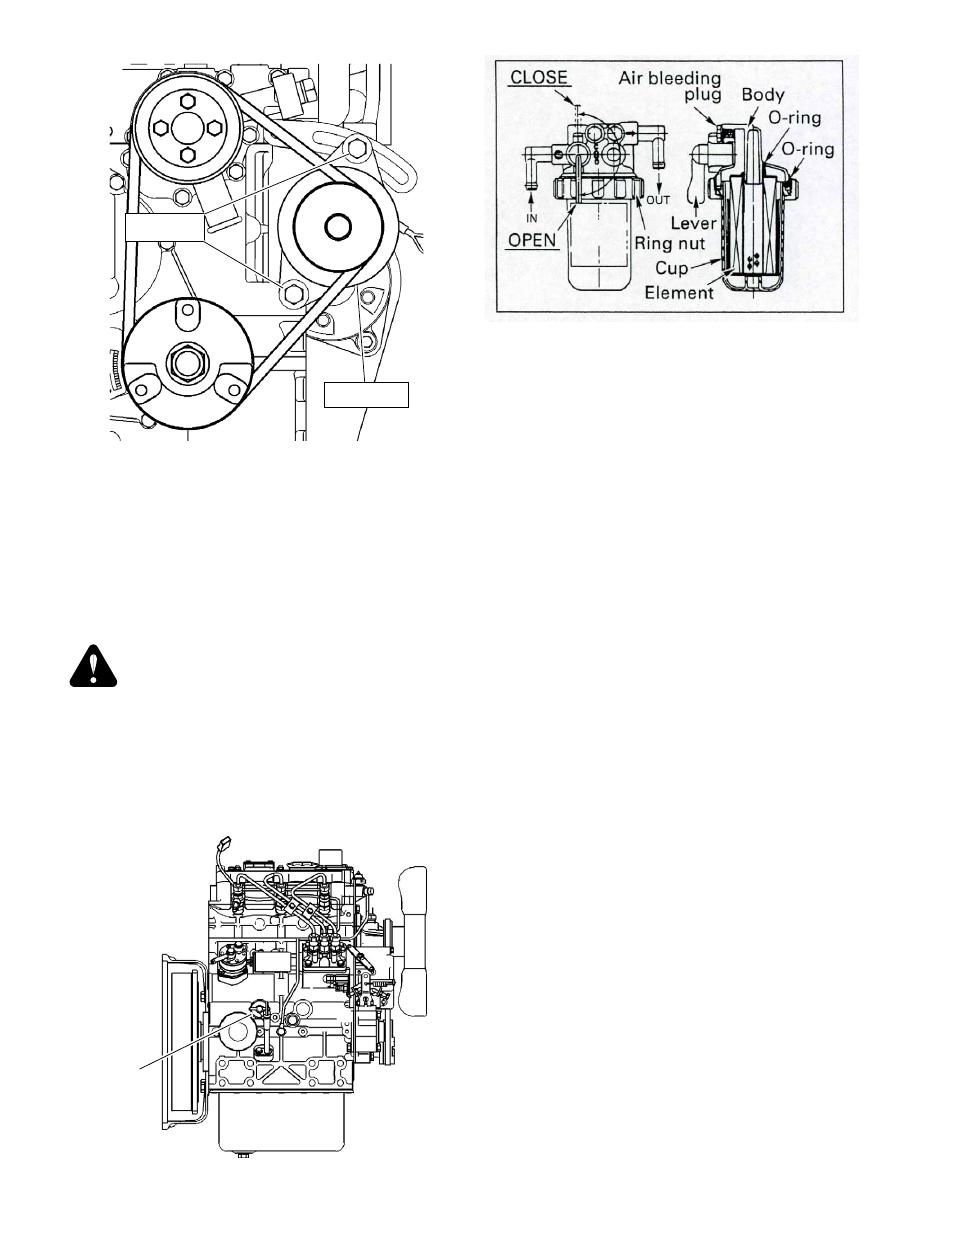 Shibaura 3 Cylinder Diesel Engine Manual